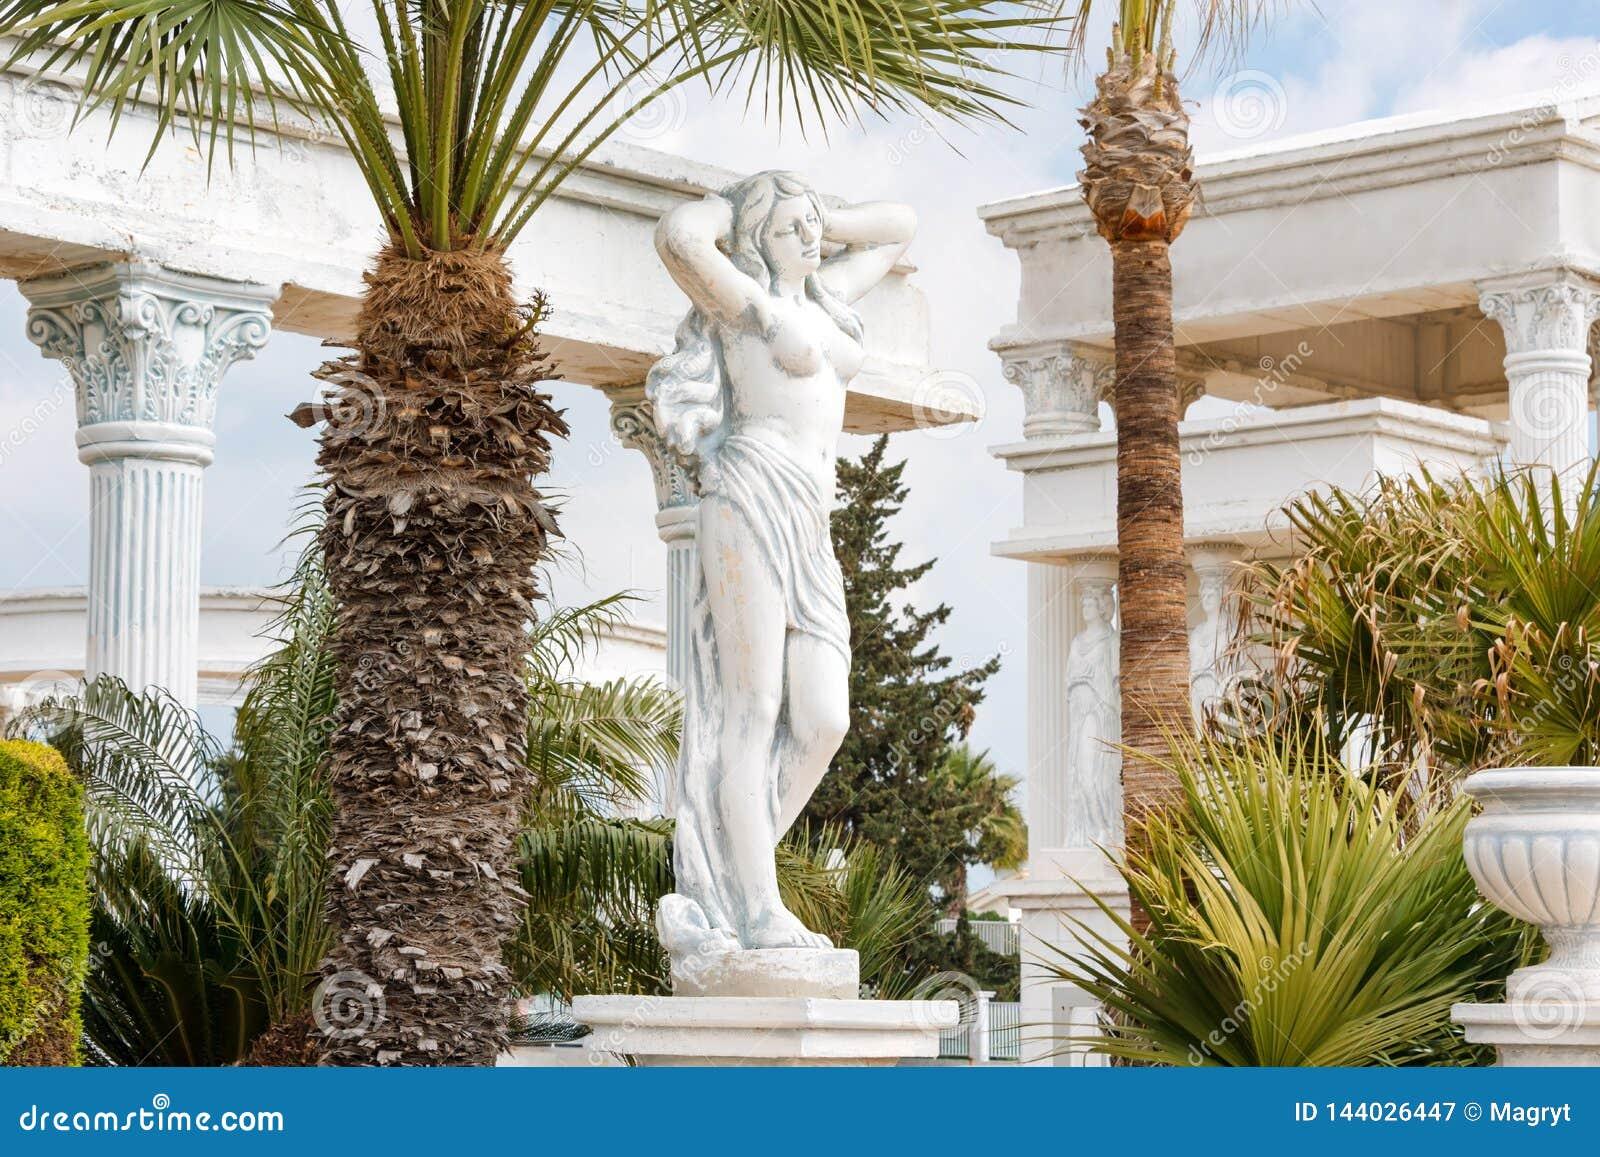 Enyese la copia de la estatua griega de la situación femenina desnuda de la diosa en el parque